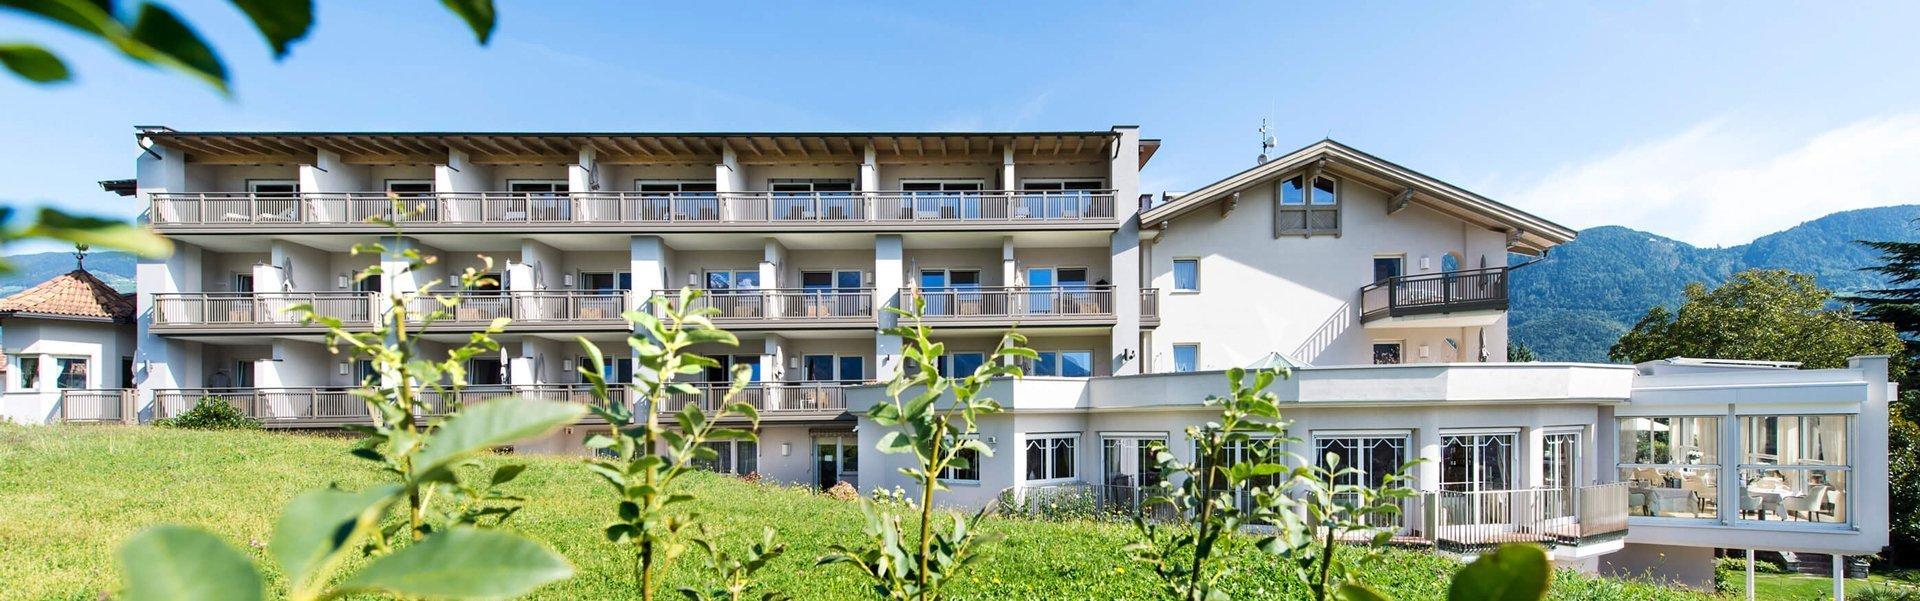 Hotel in den Bergen mit Alu-Balkongeländern